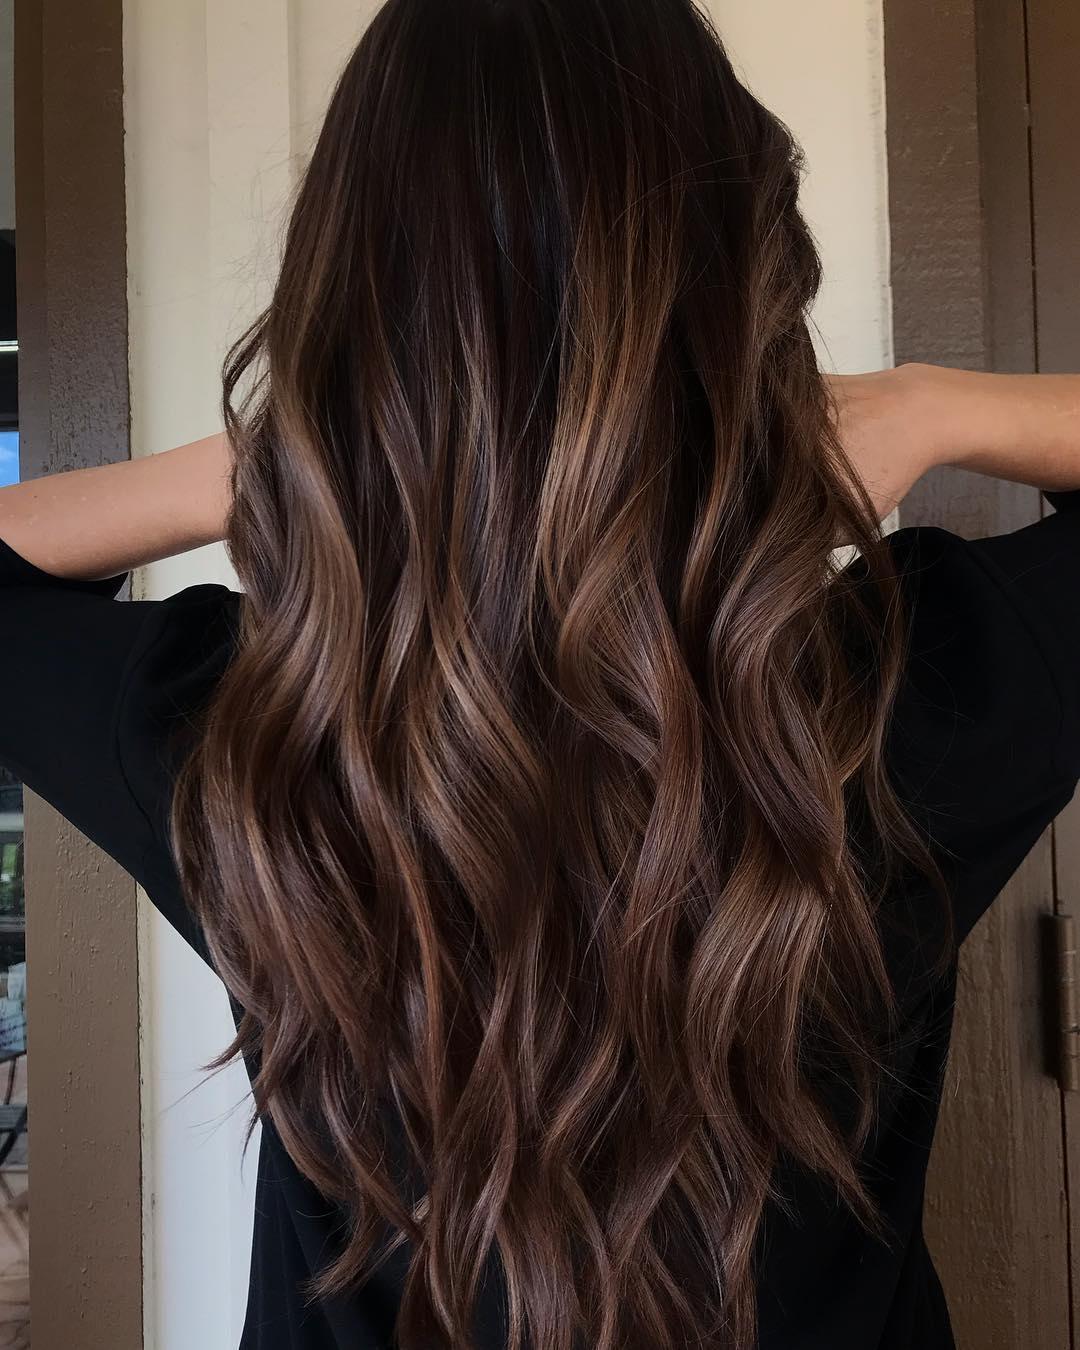 Brunette brown or black hair